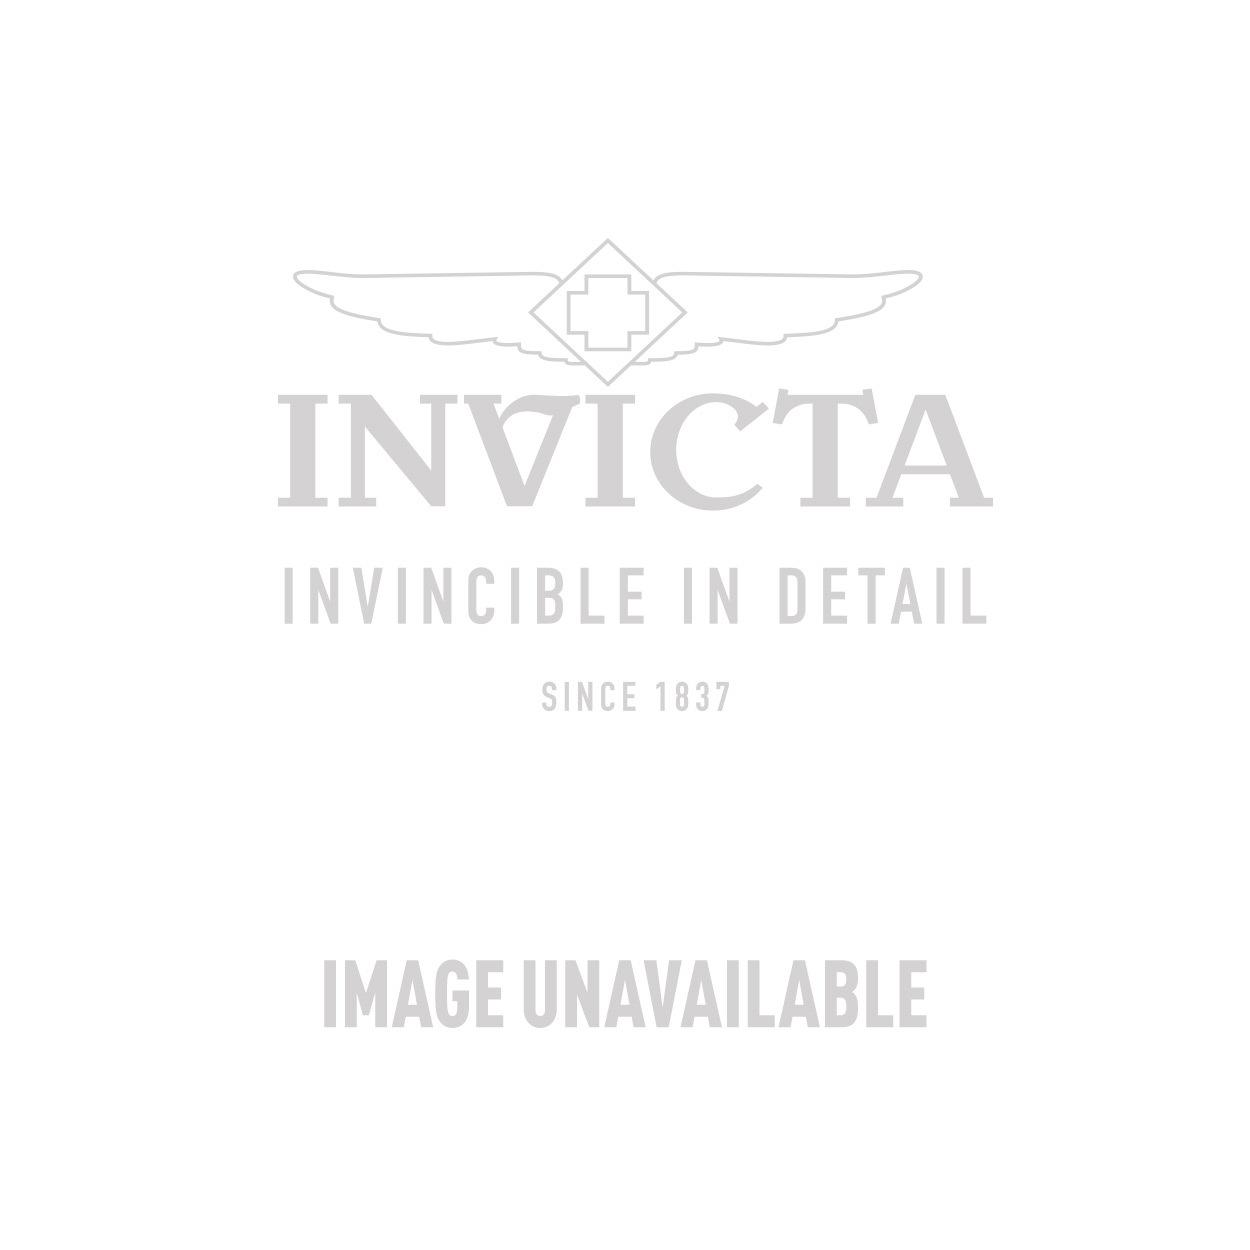 Invicta Model 27994